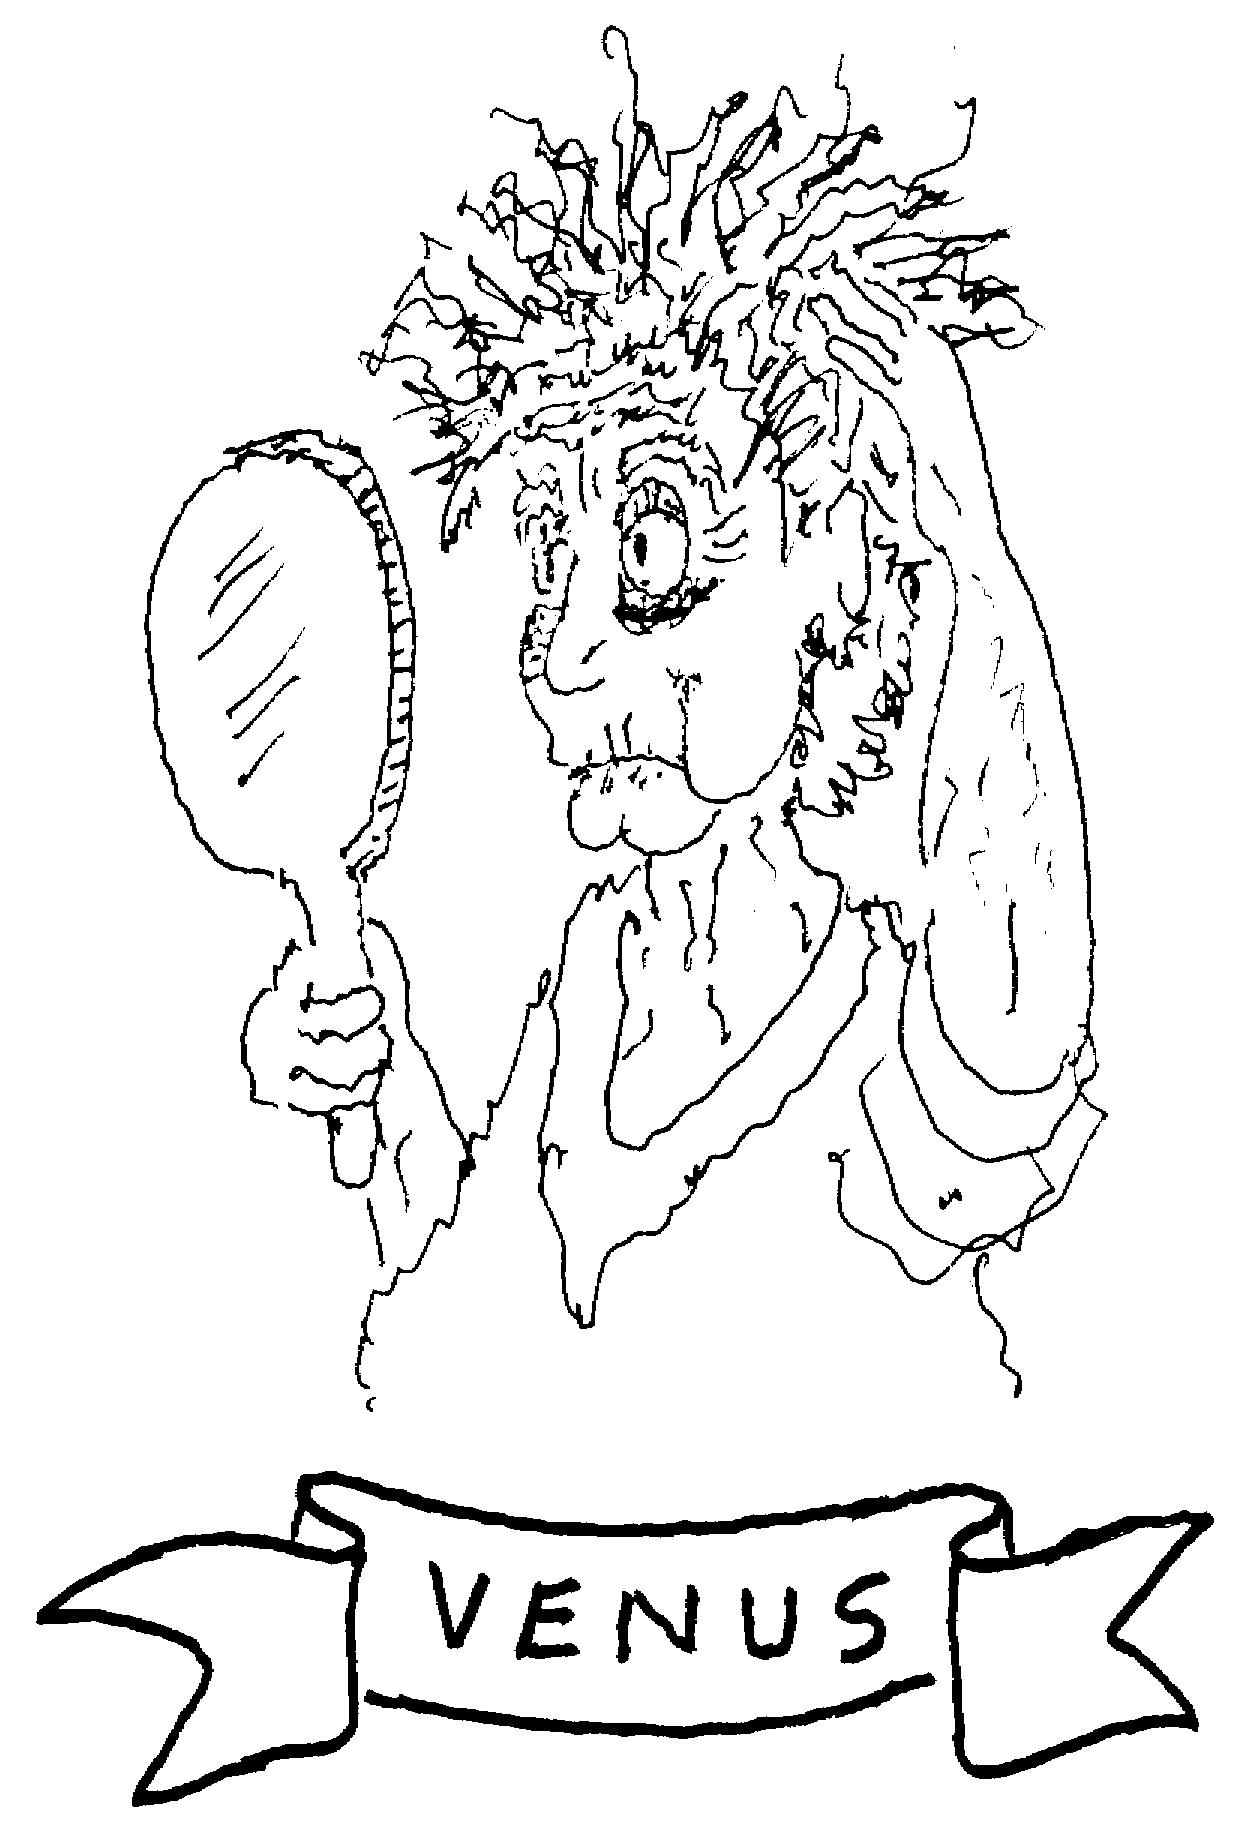 Sketch of Venus